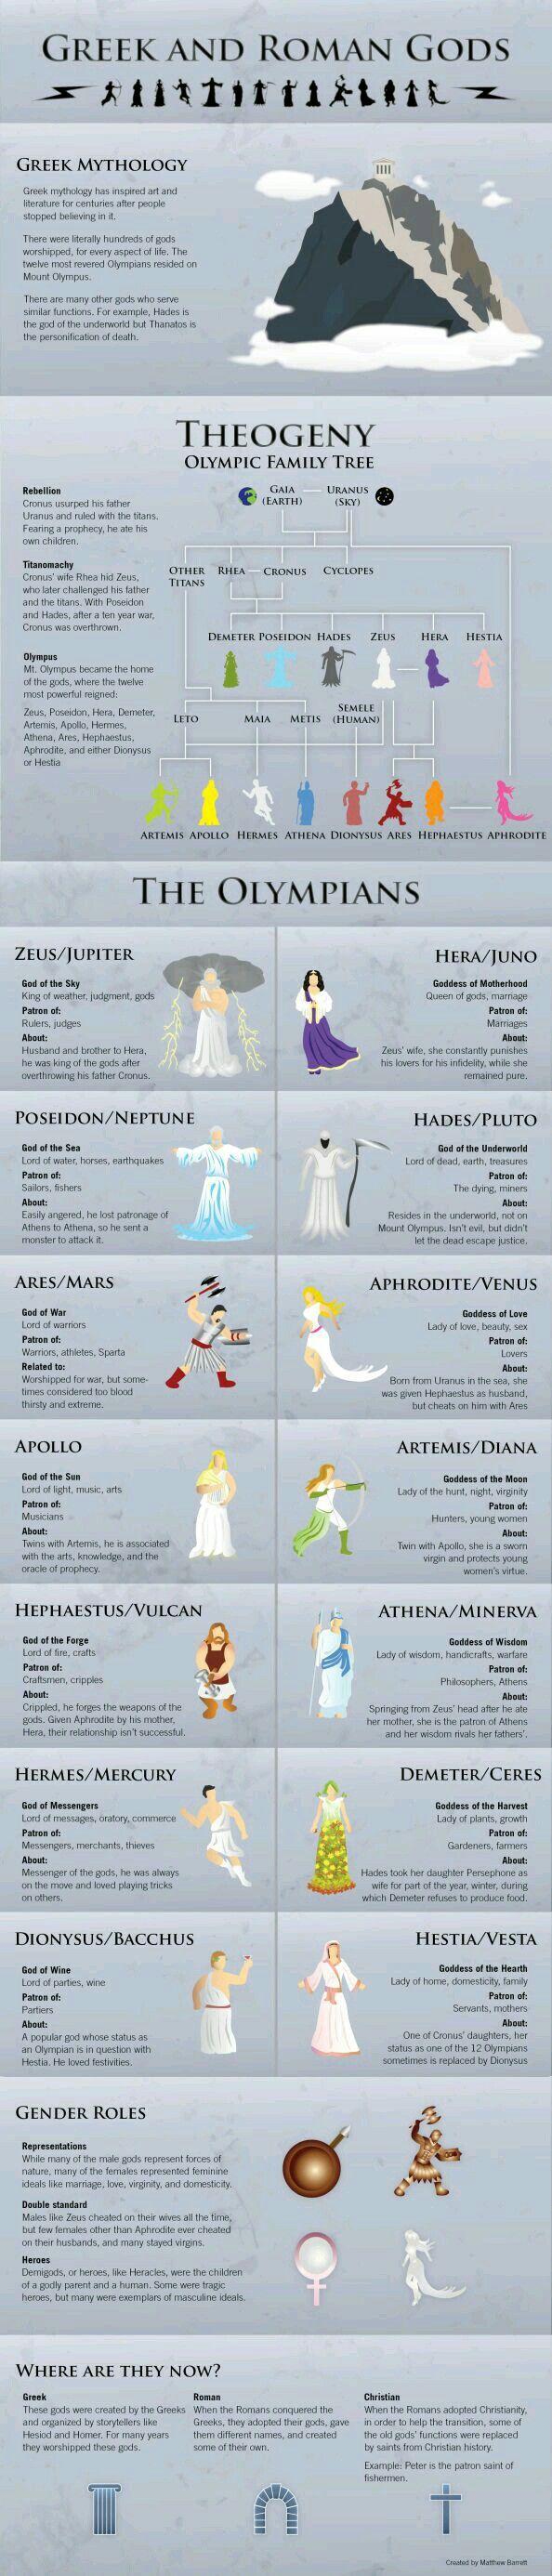 Greek & Roman Gods